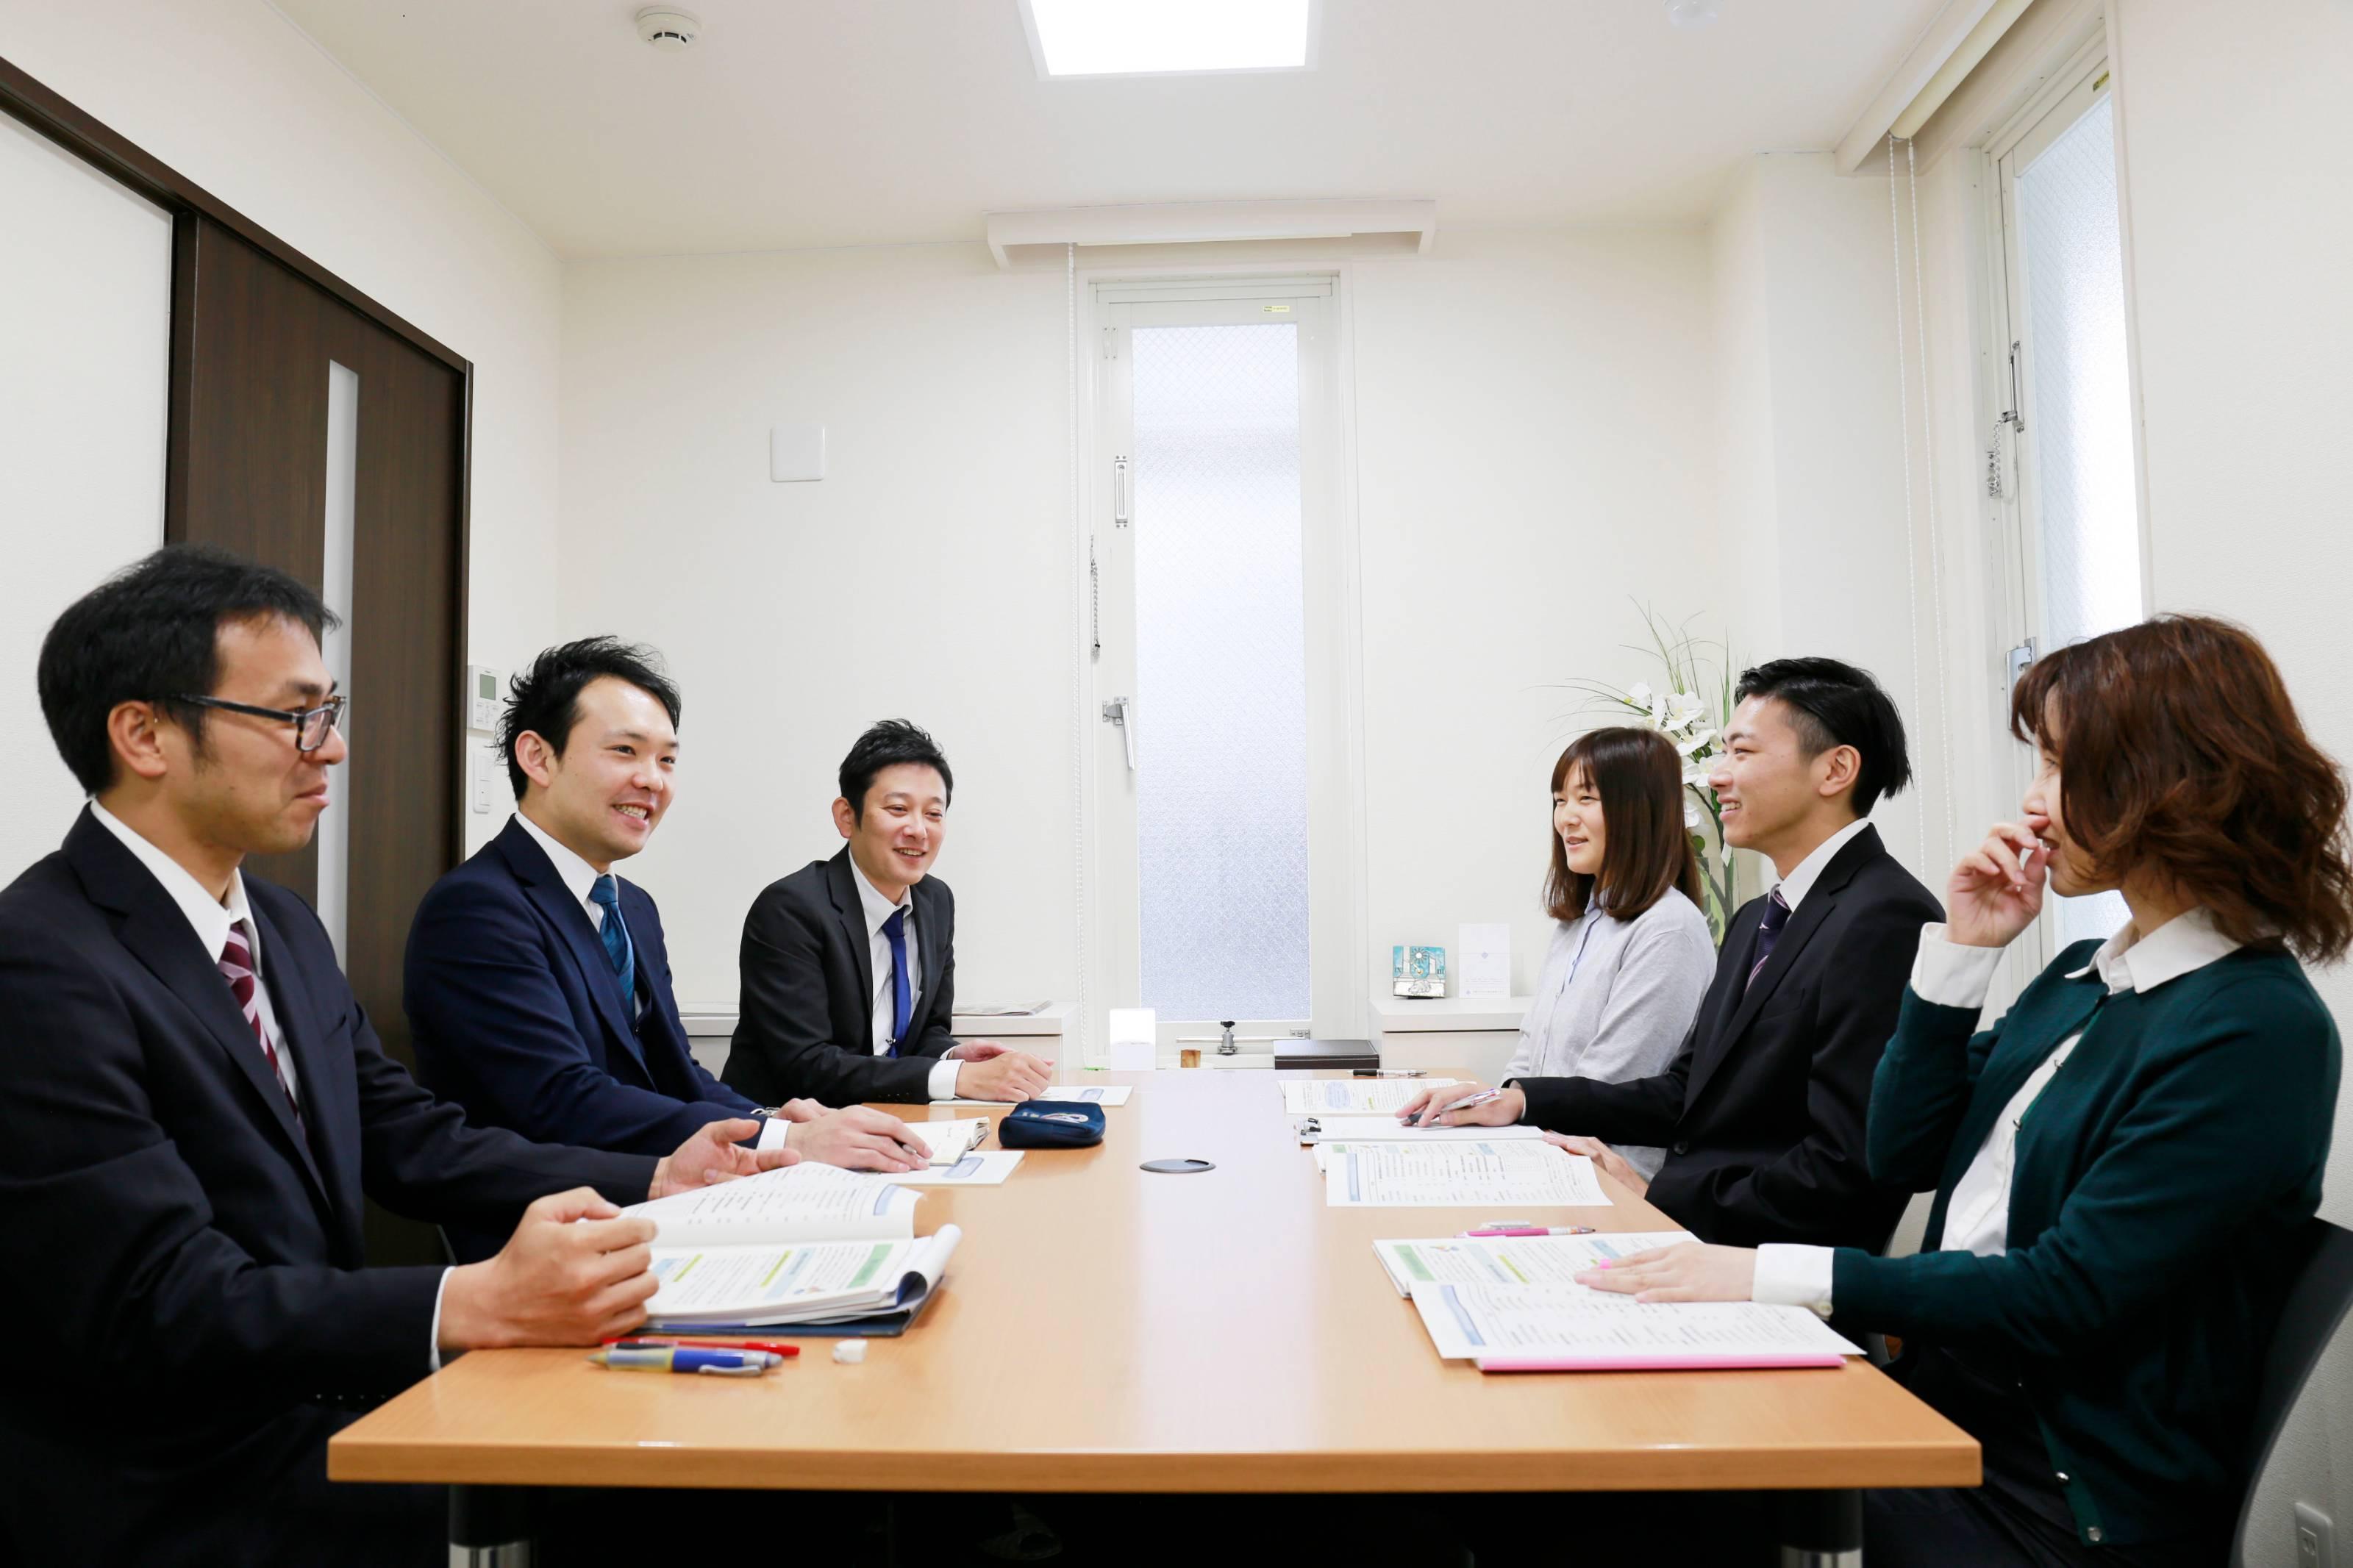 京都むらさきの総合税理士法人